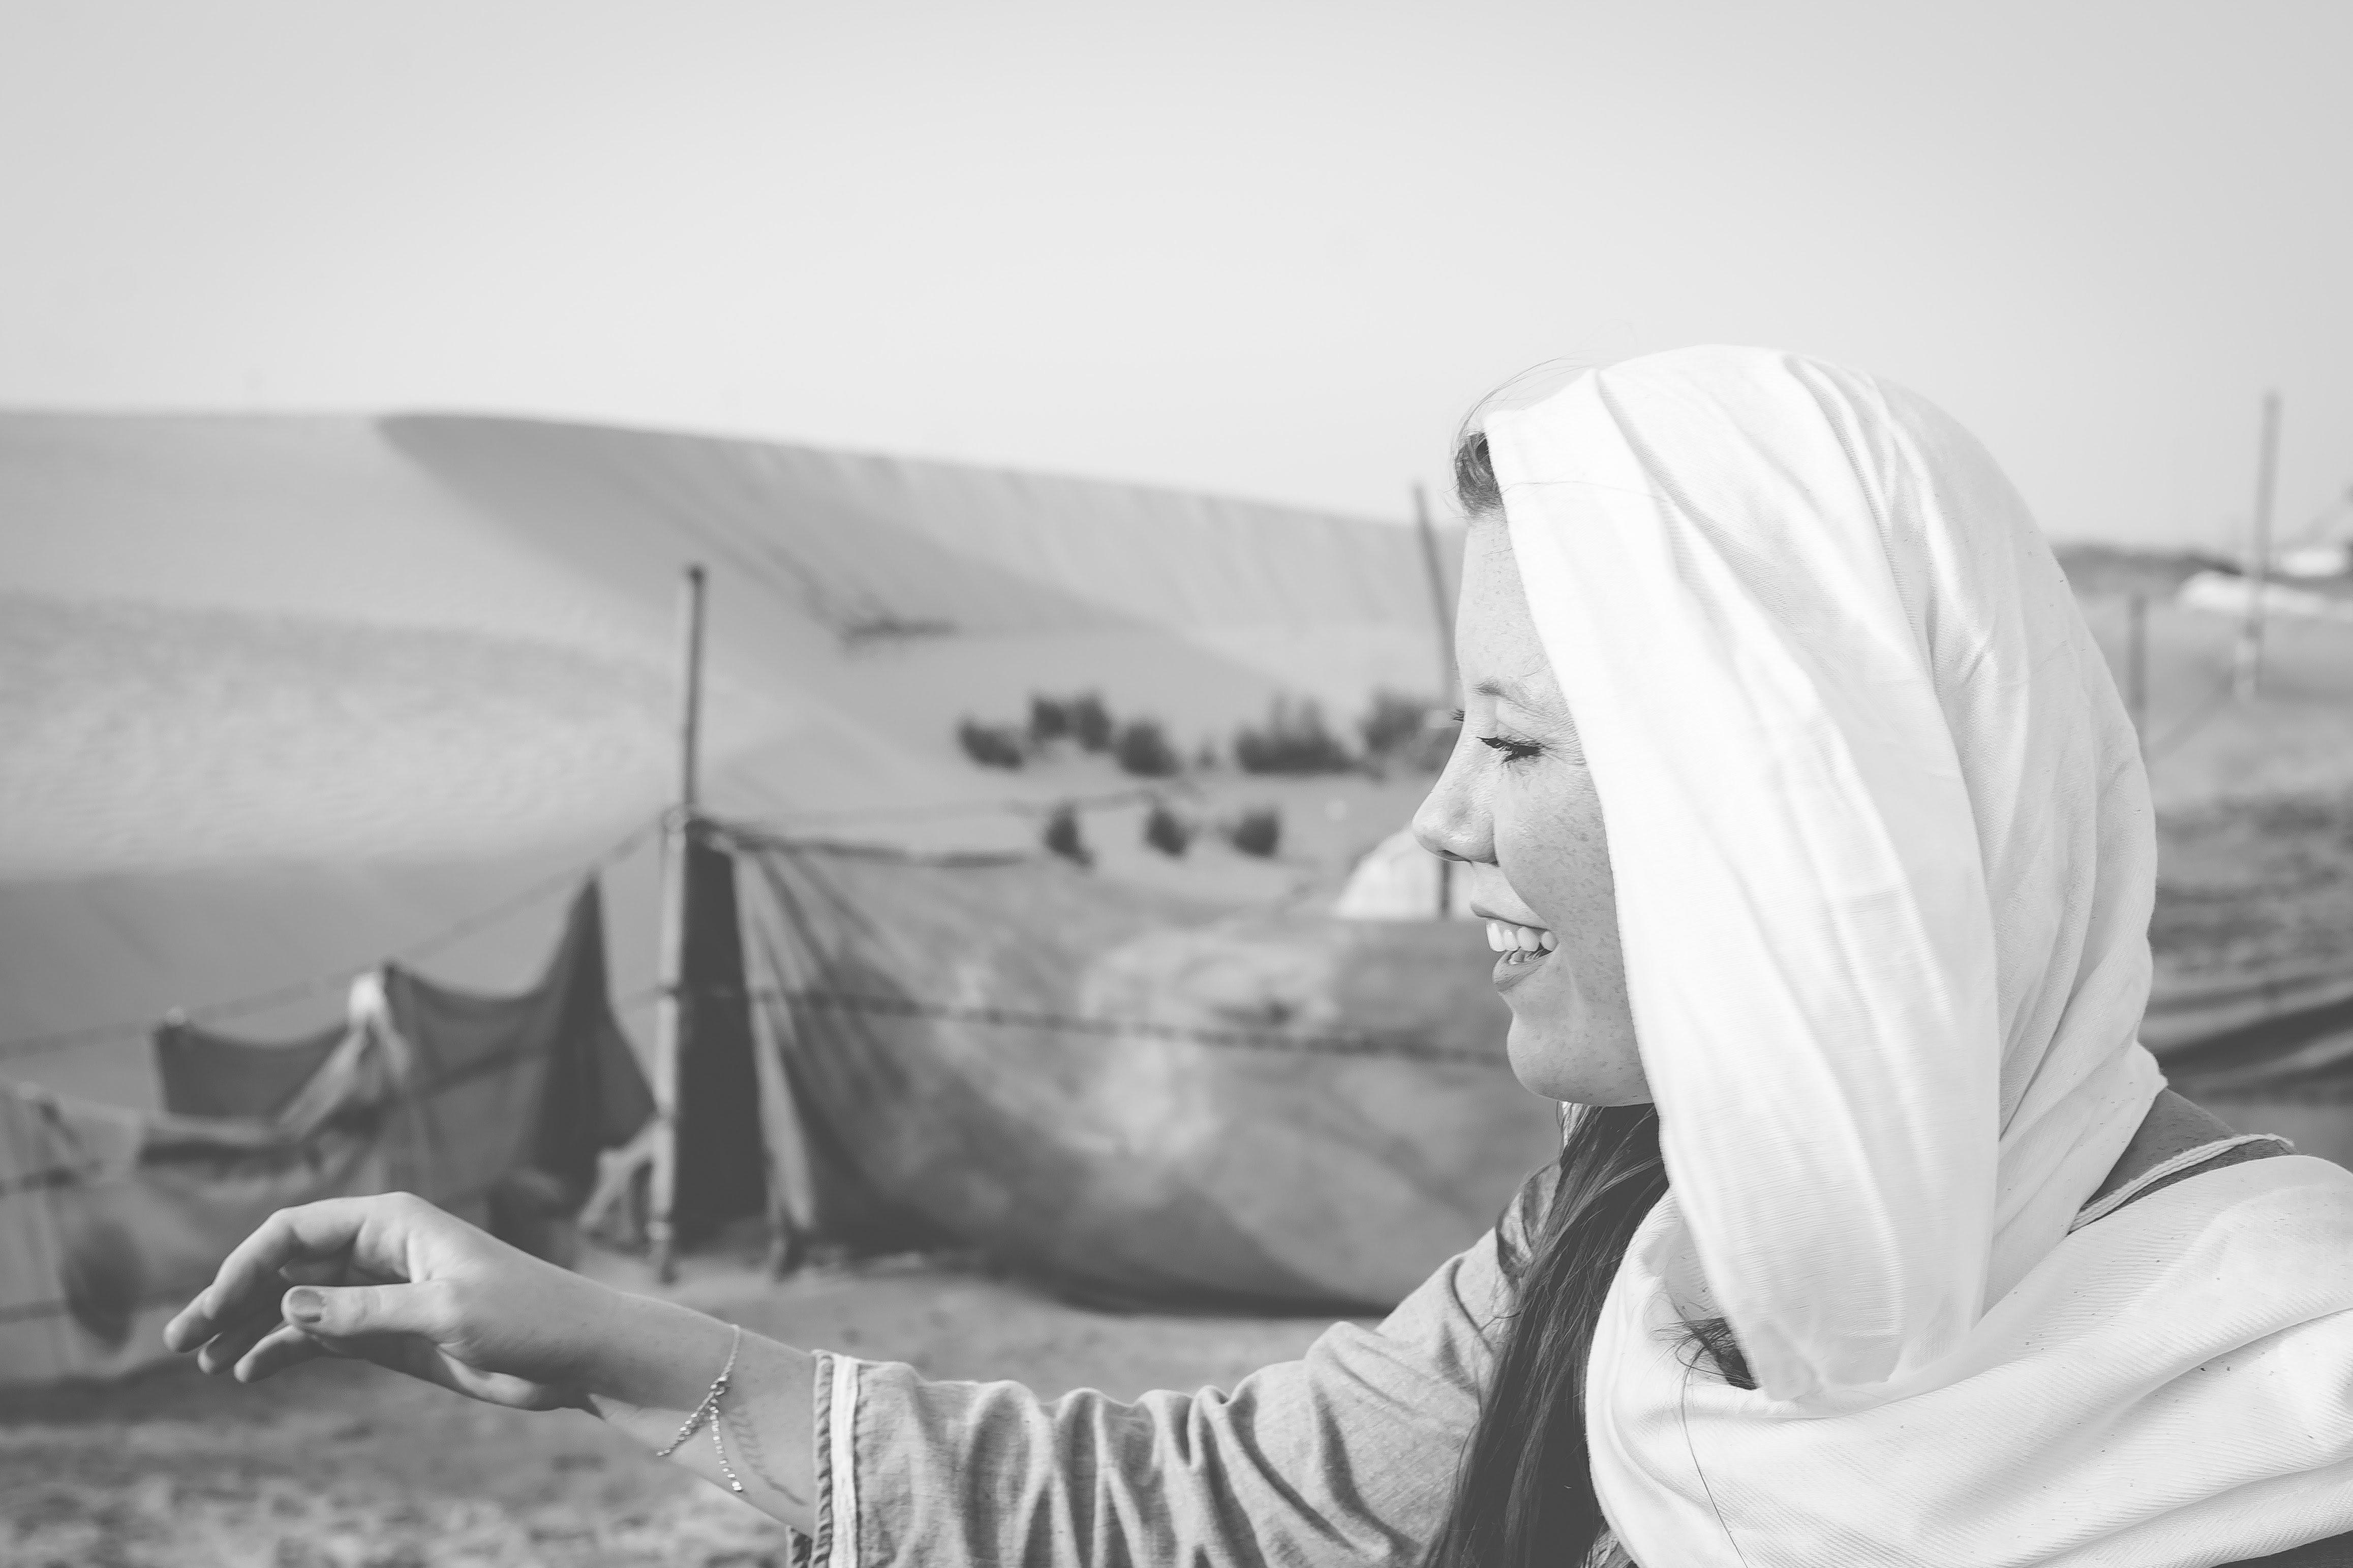 girl smiling in the desert